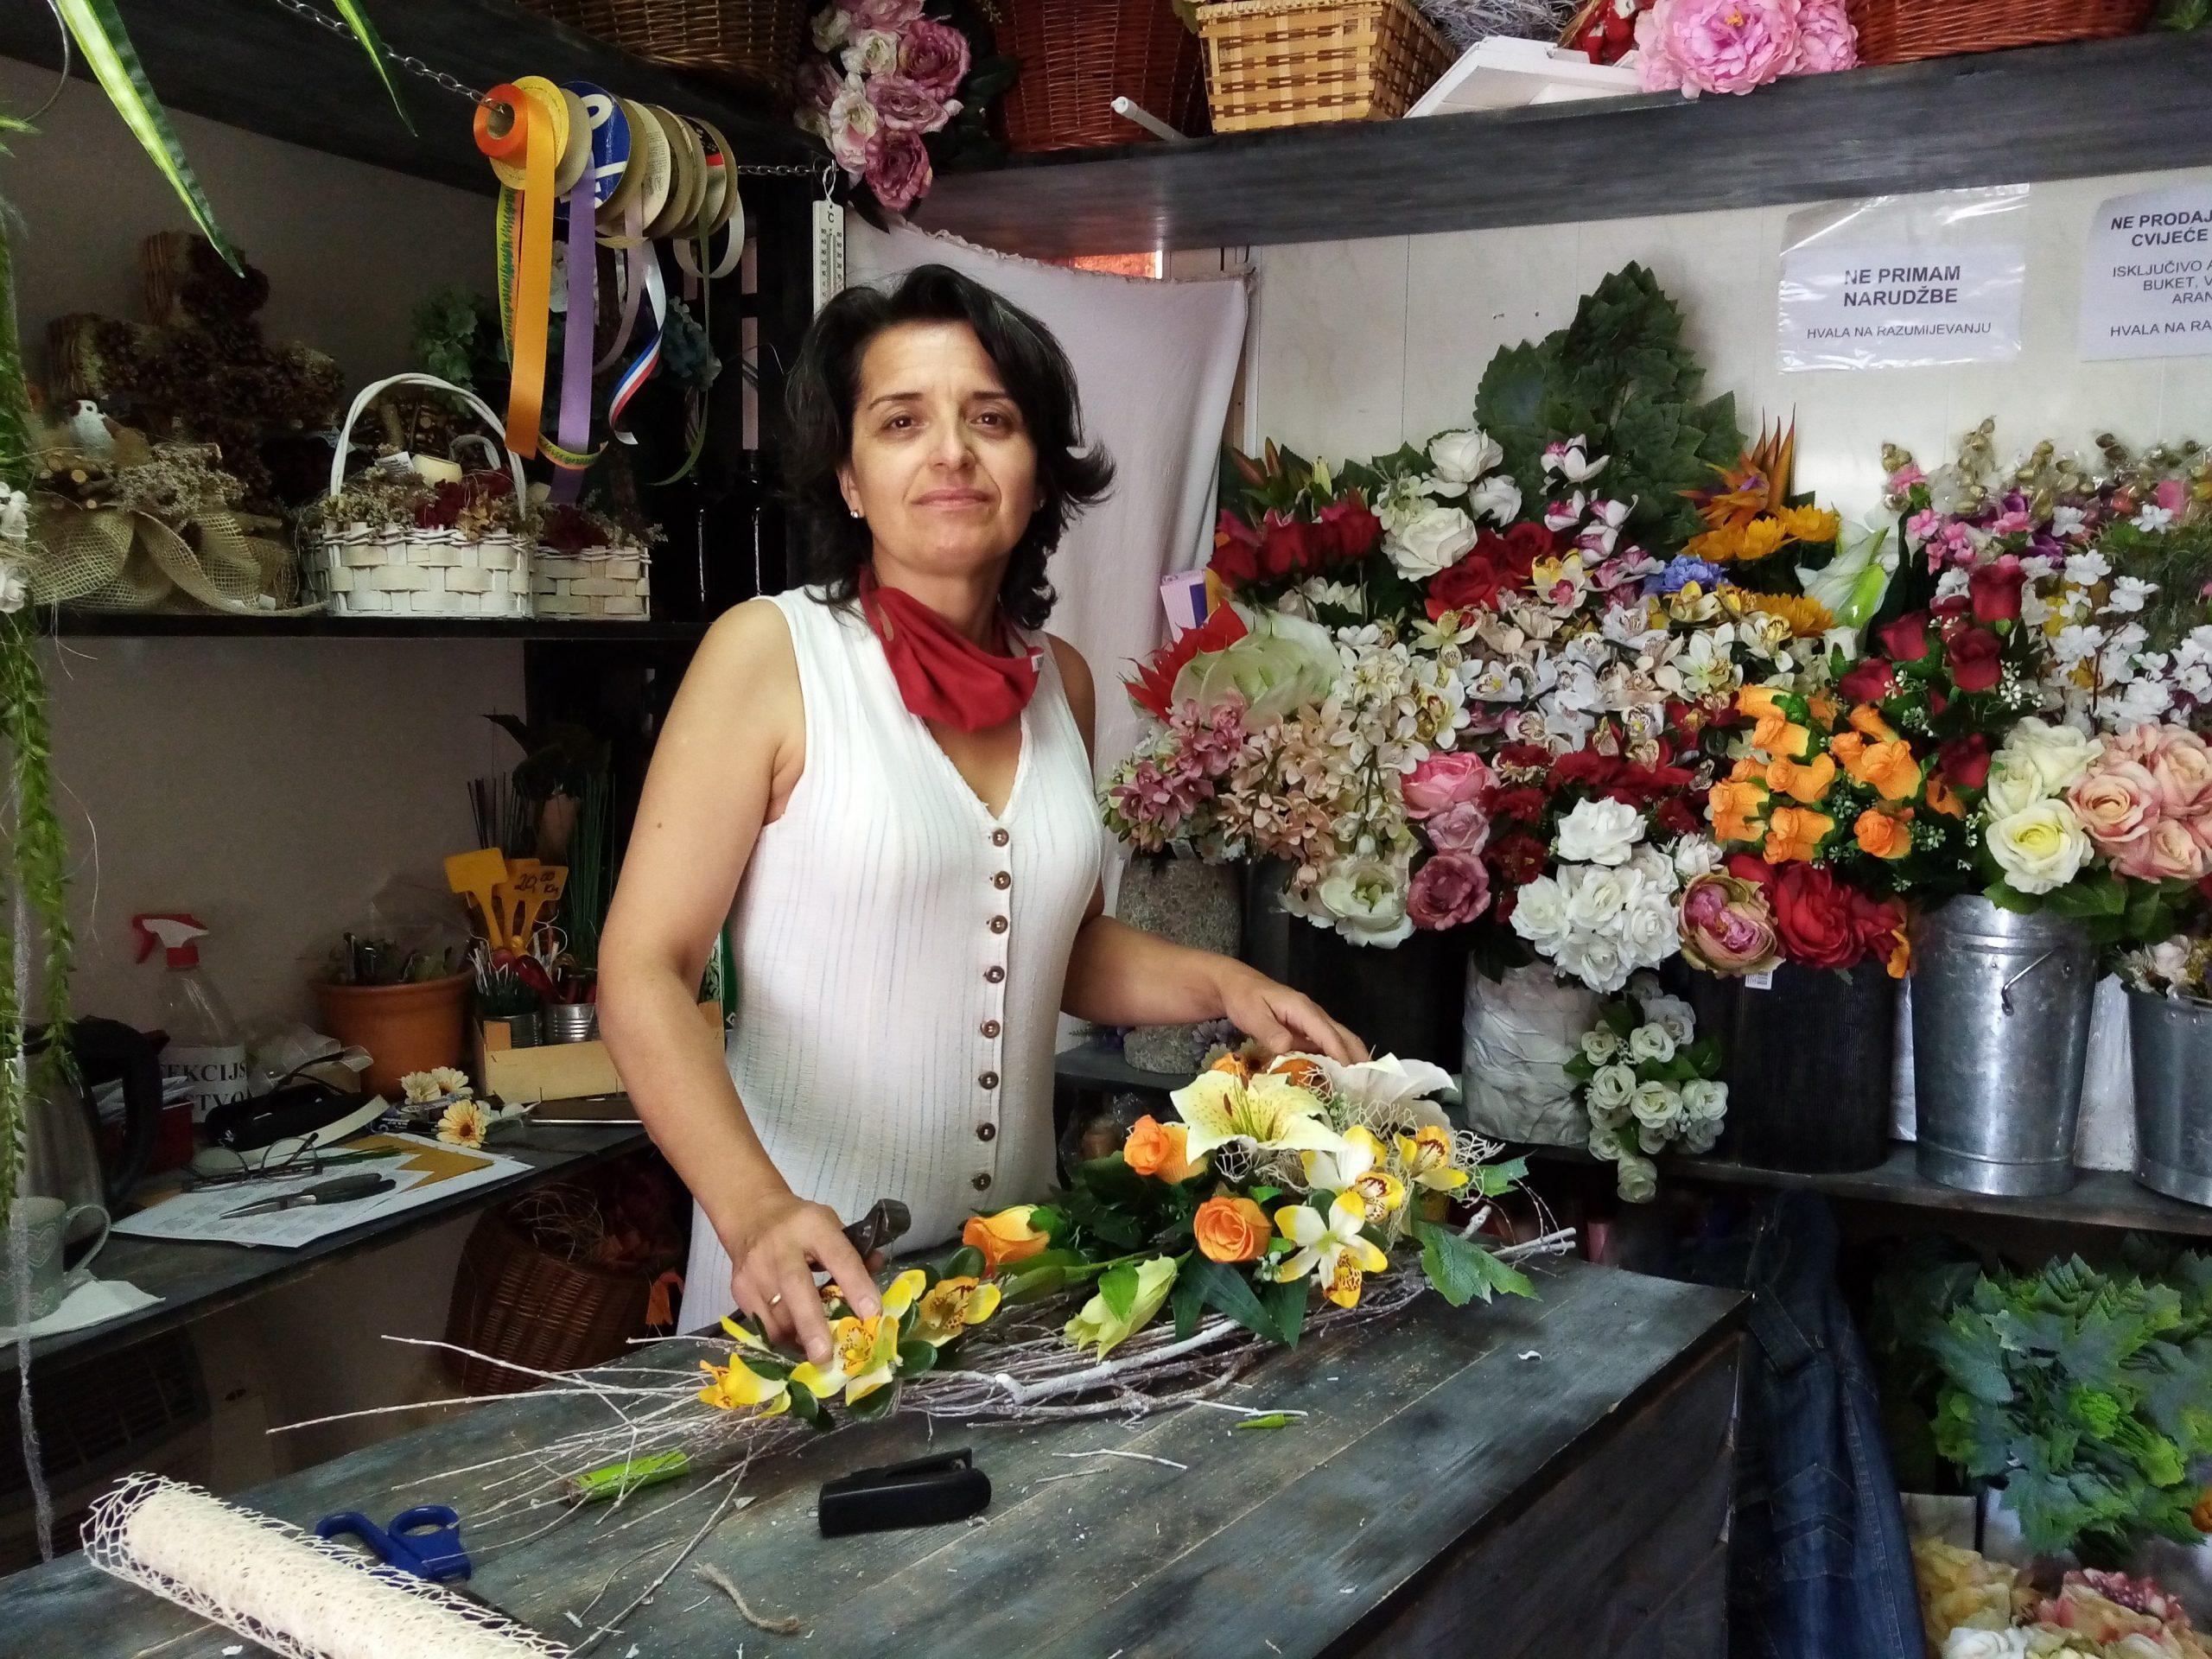 Cvjećarnica Pušlek nudi jedinstvene i kreativne aranžmane od suhog cvijeća